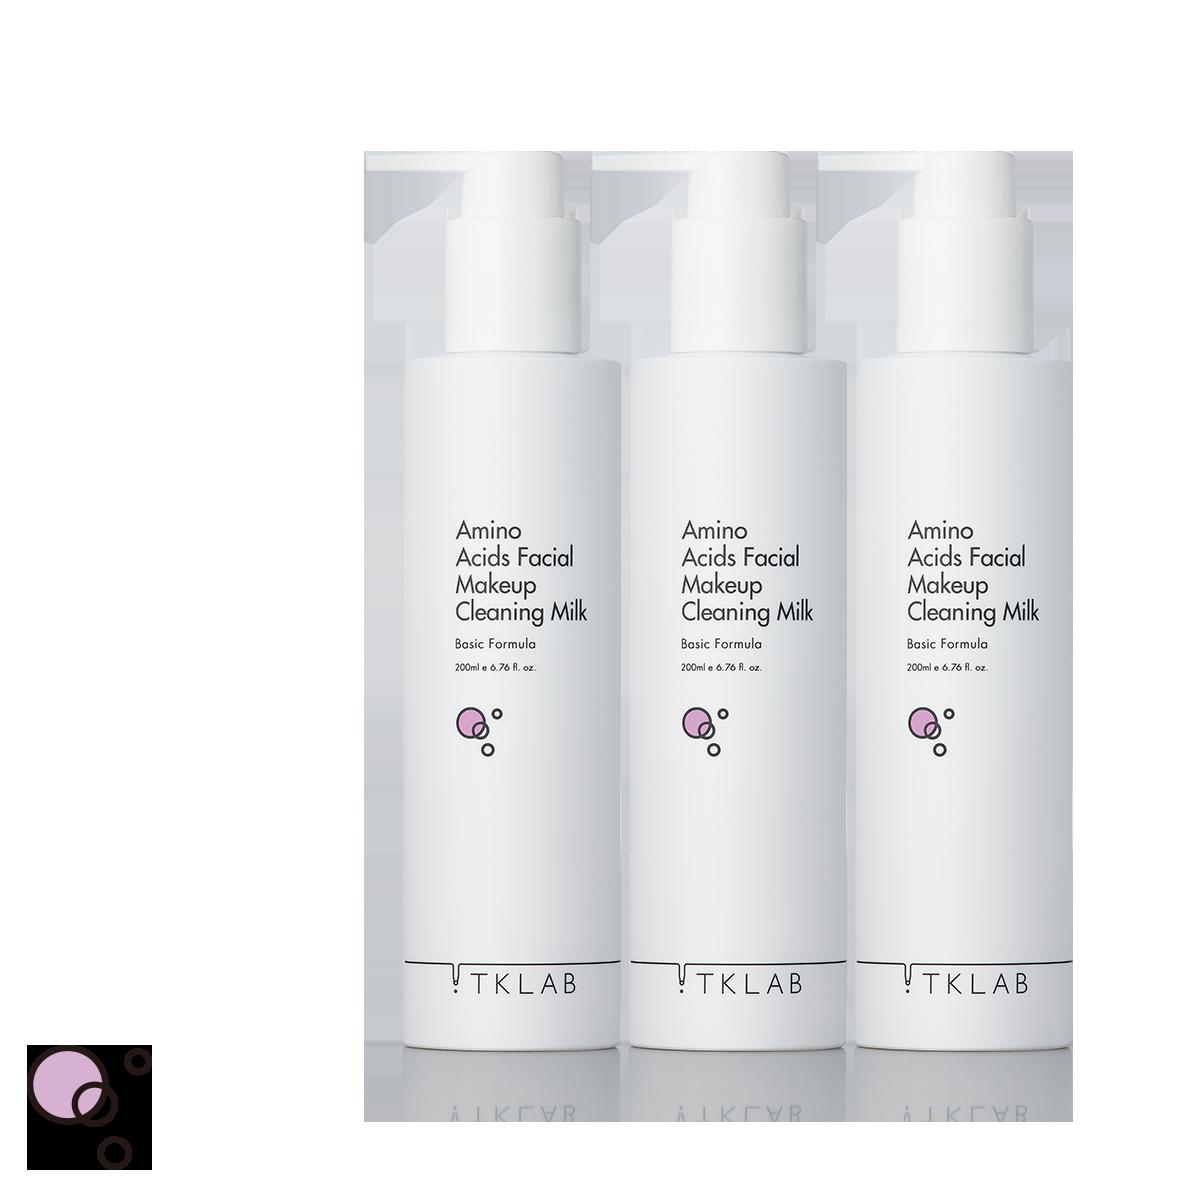 氨基酸溫和卸妝乳(3入)